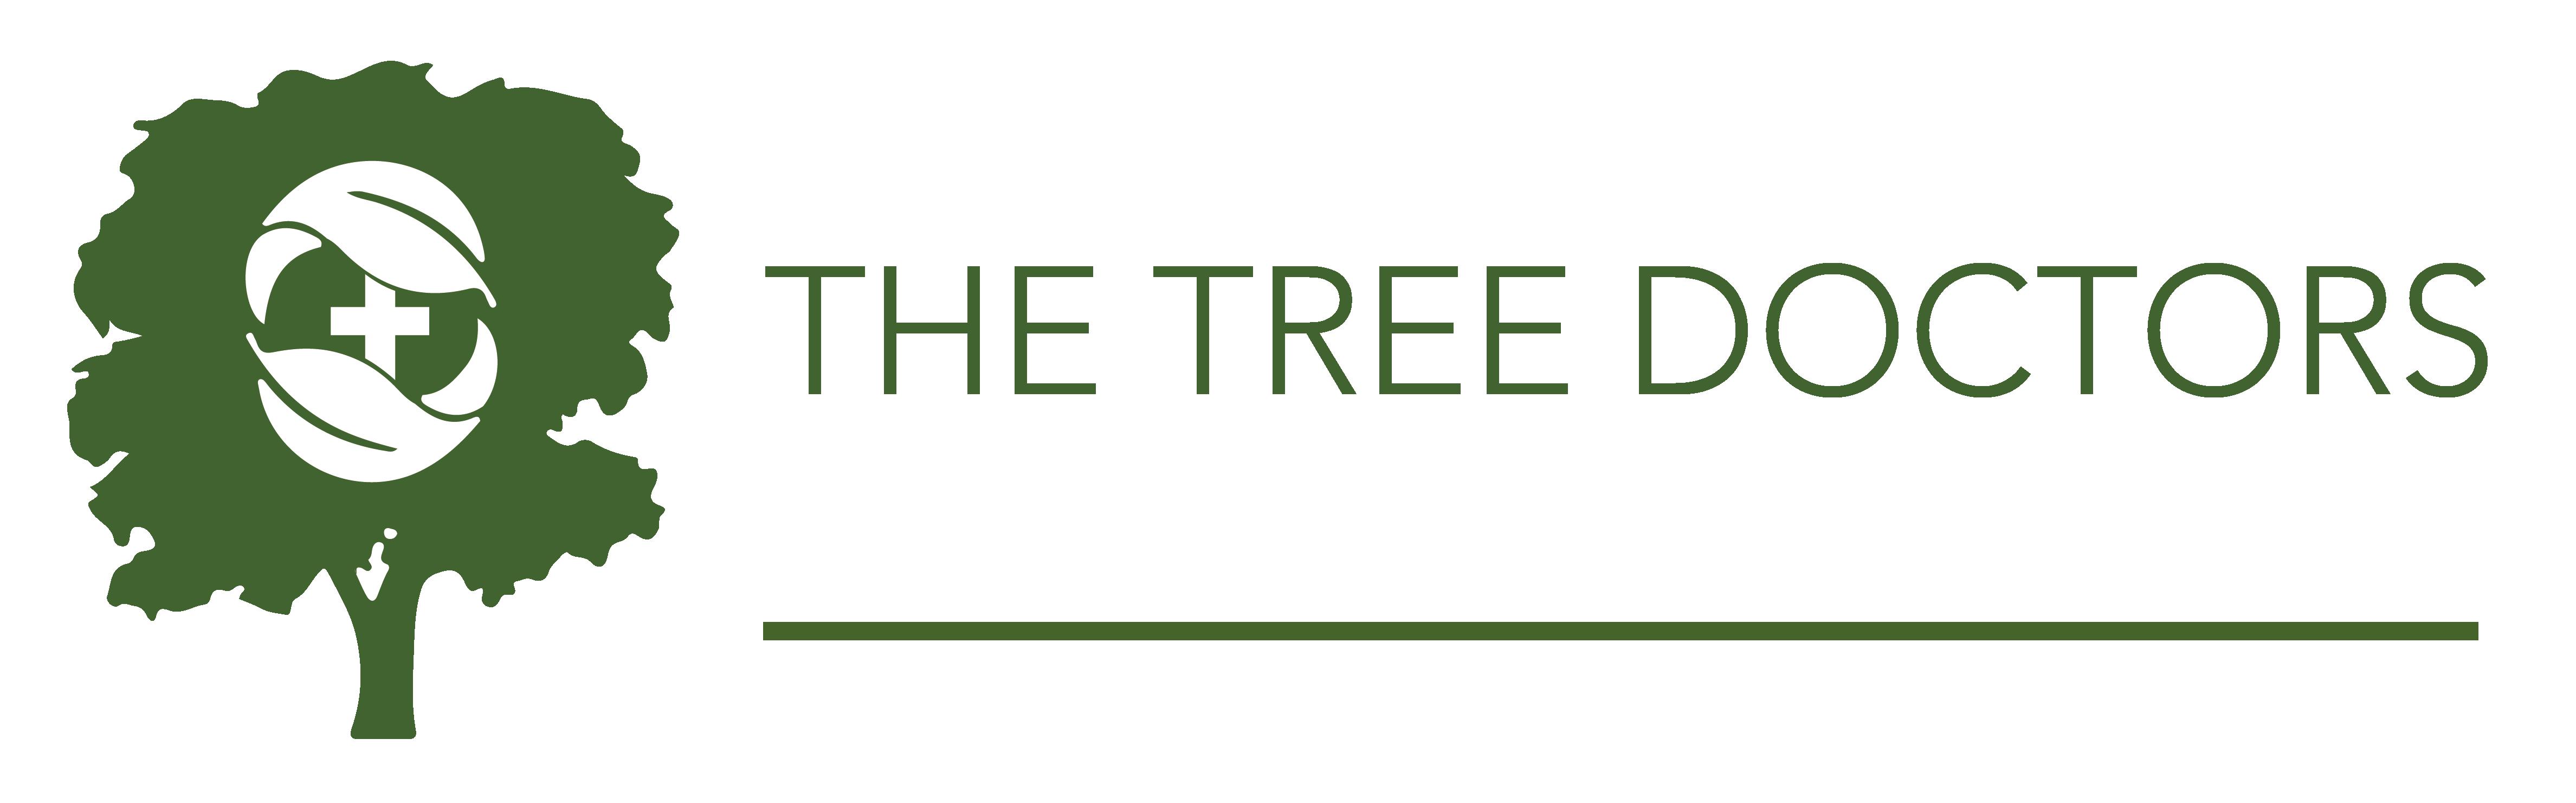 tree doctors logo